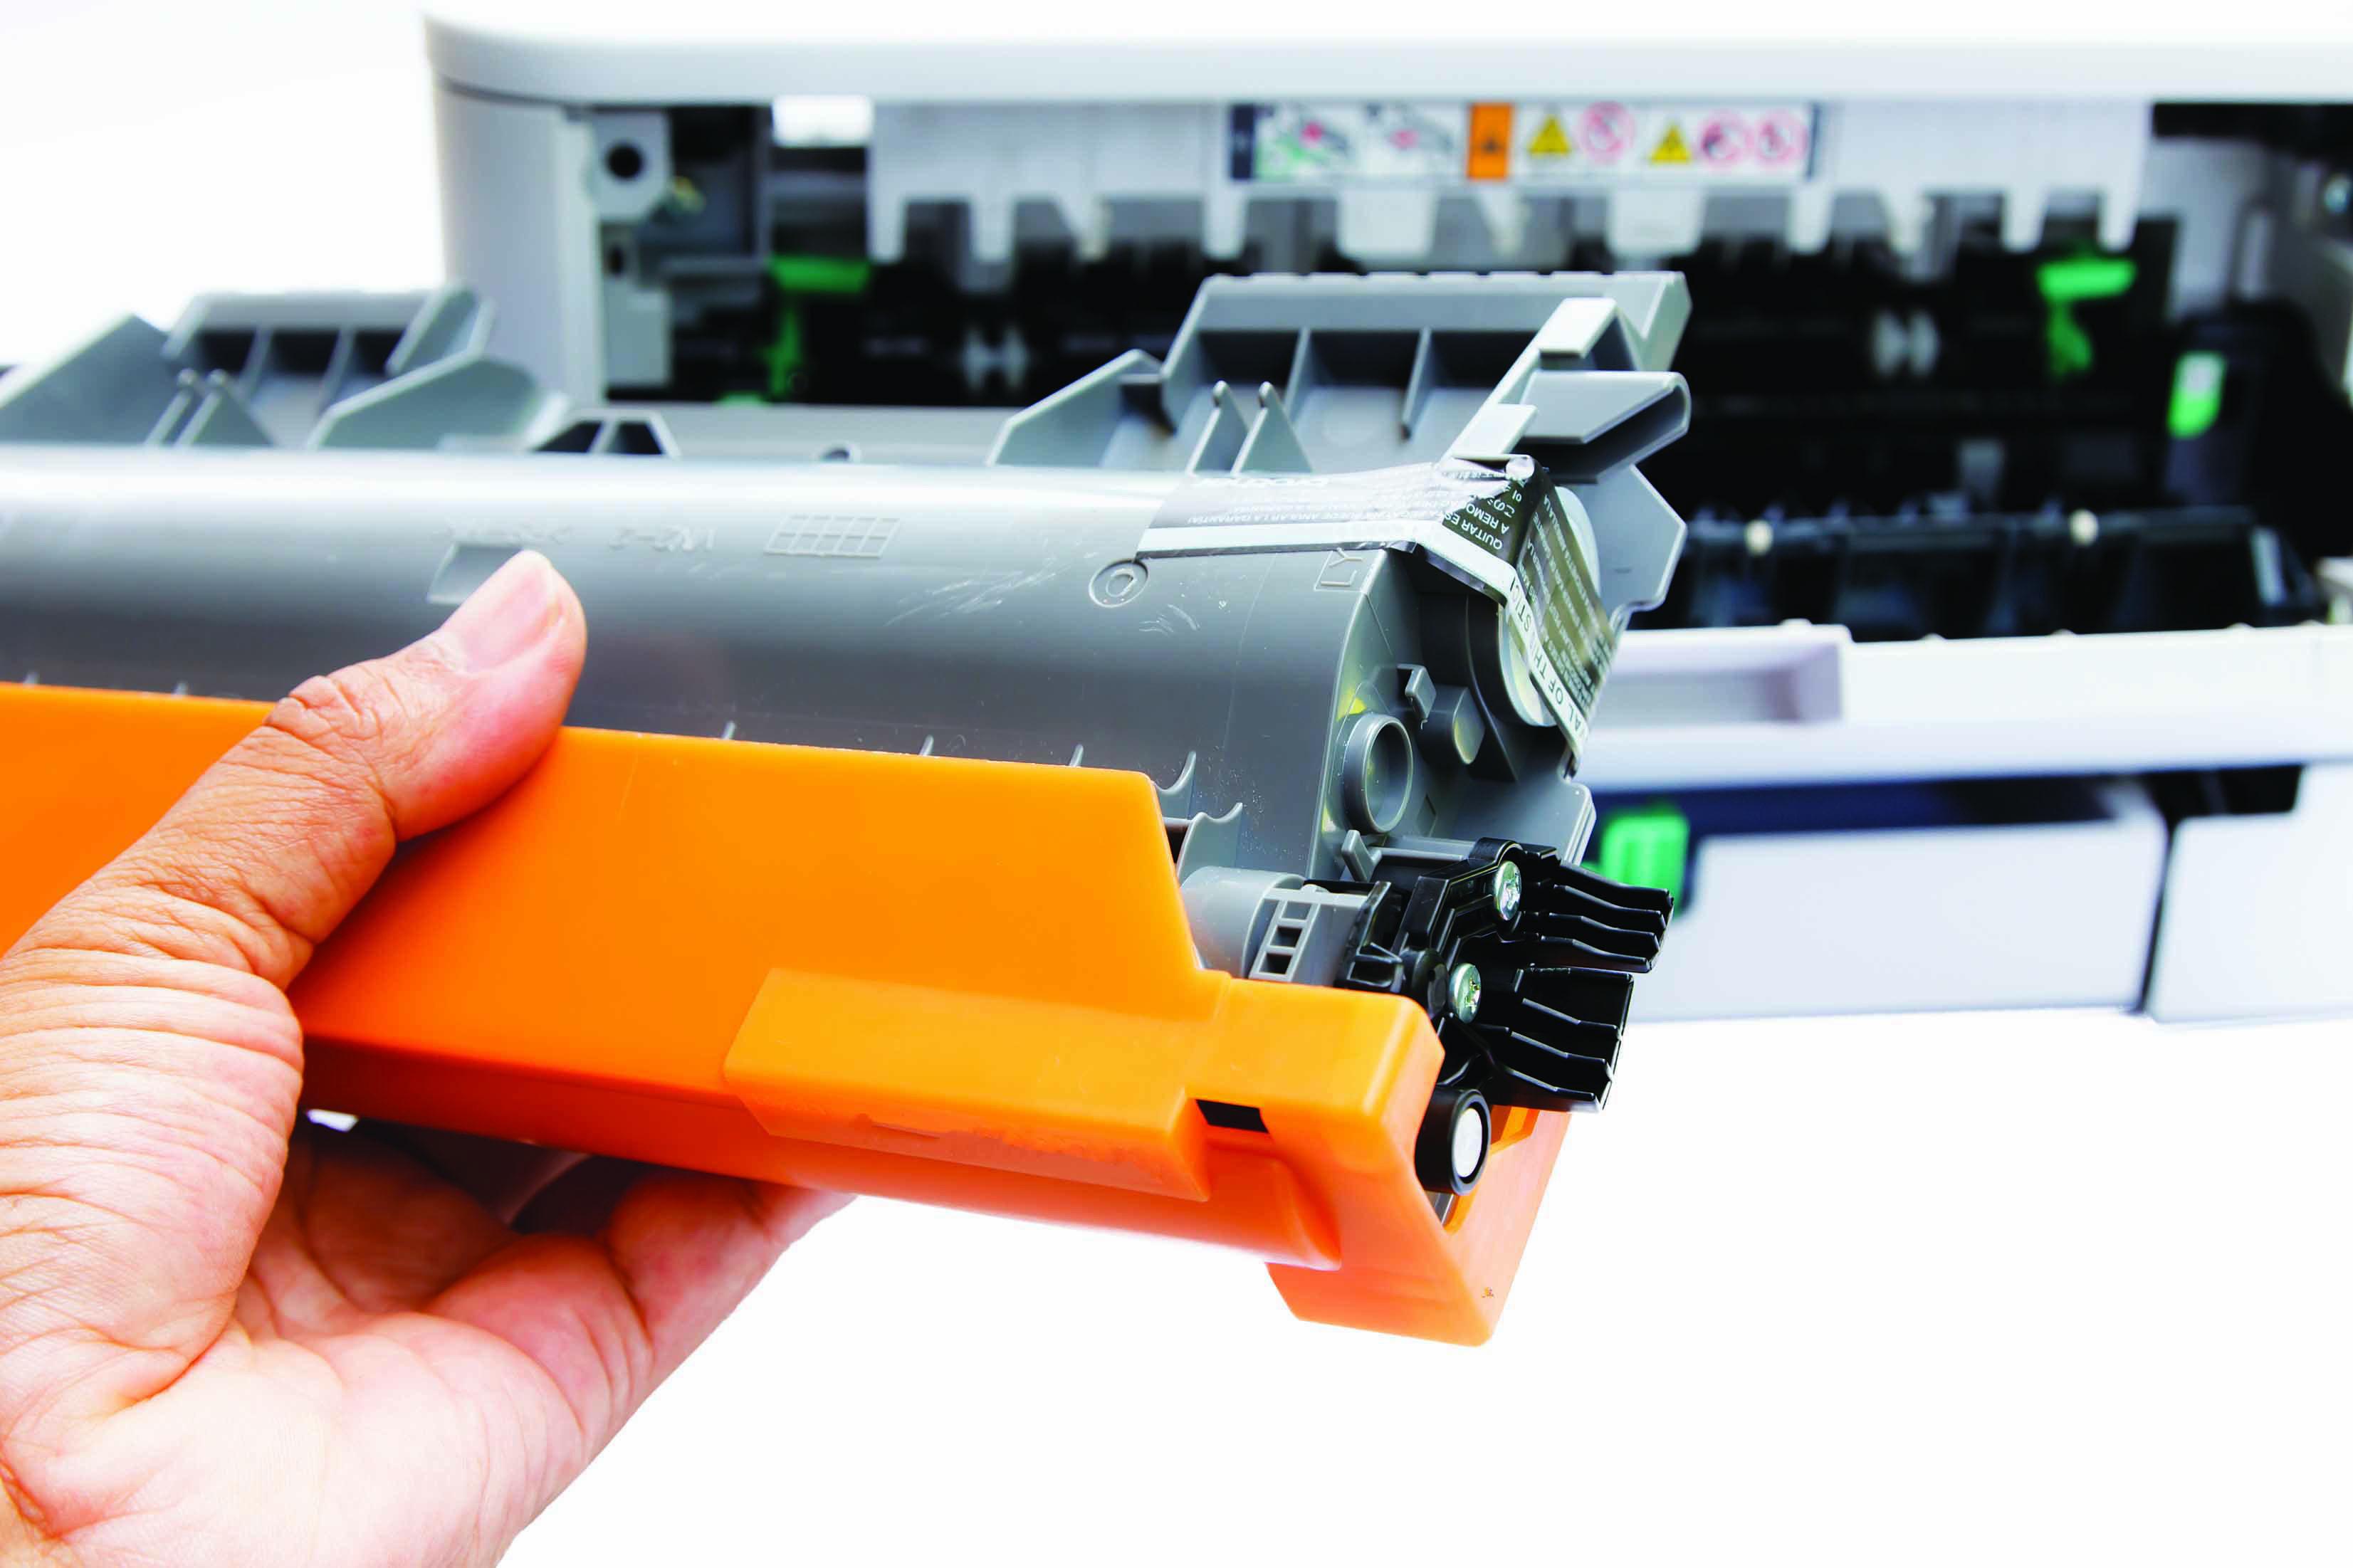 Change cartridge laser printer